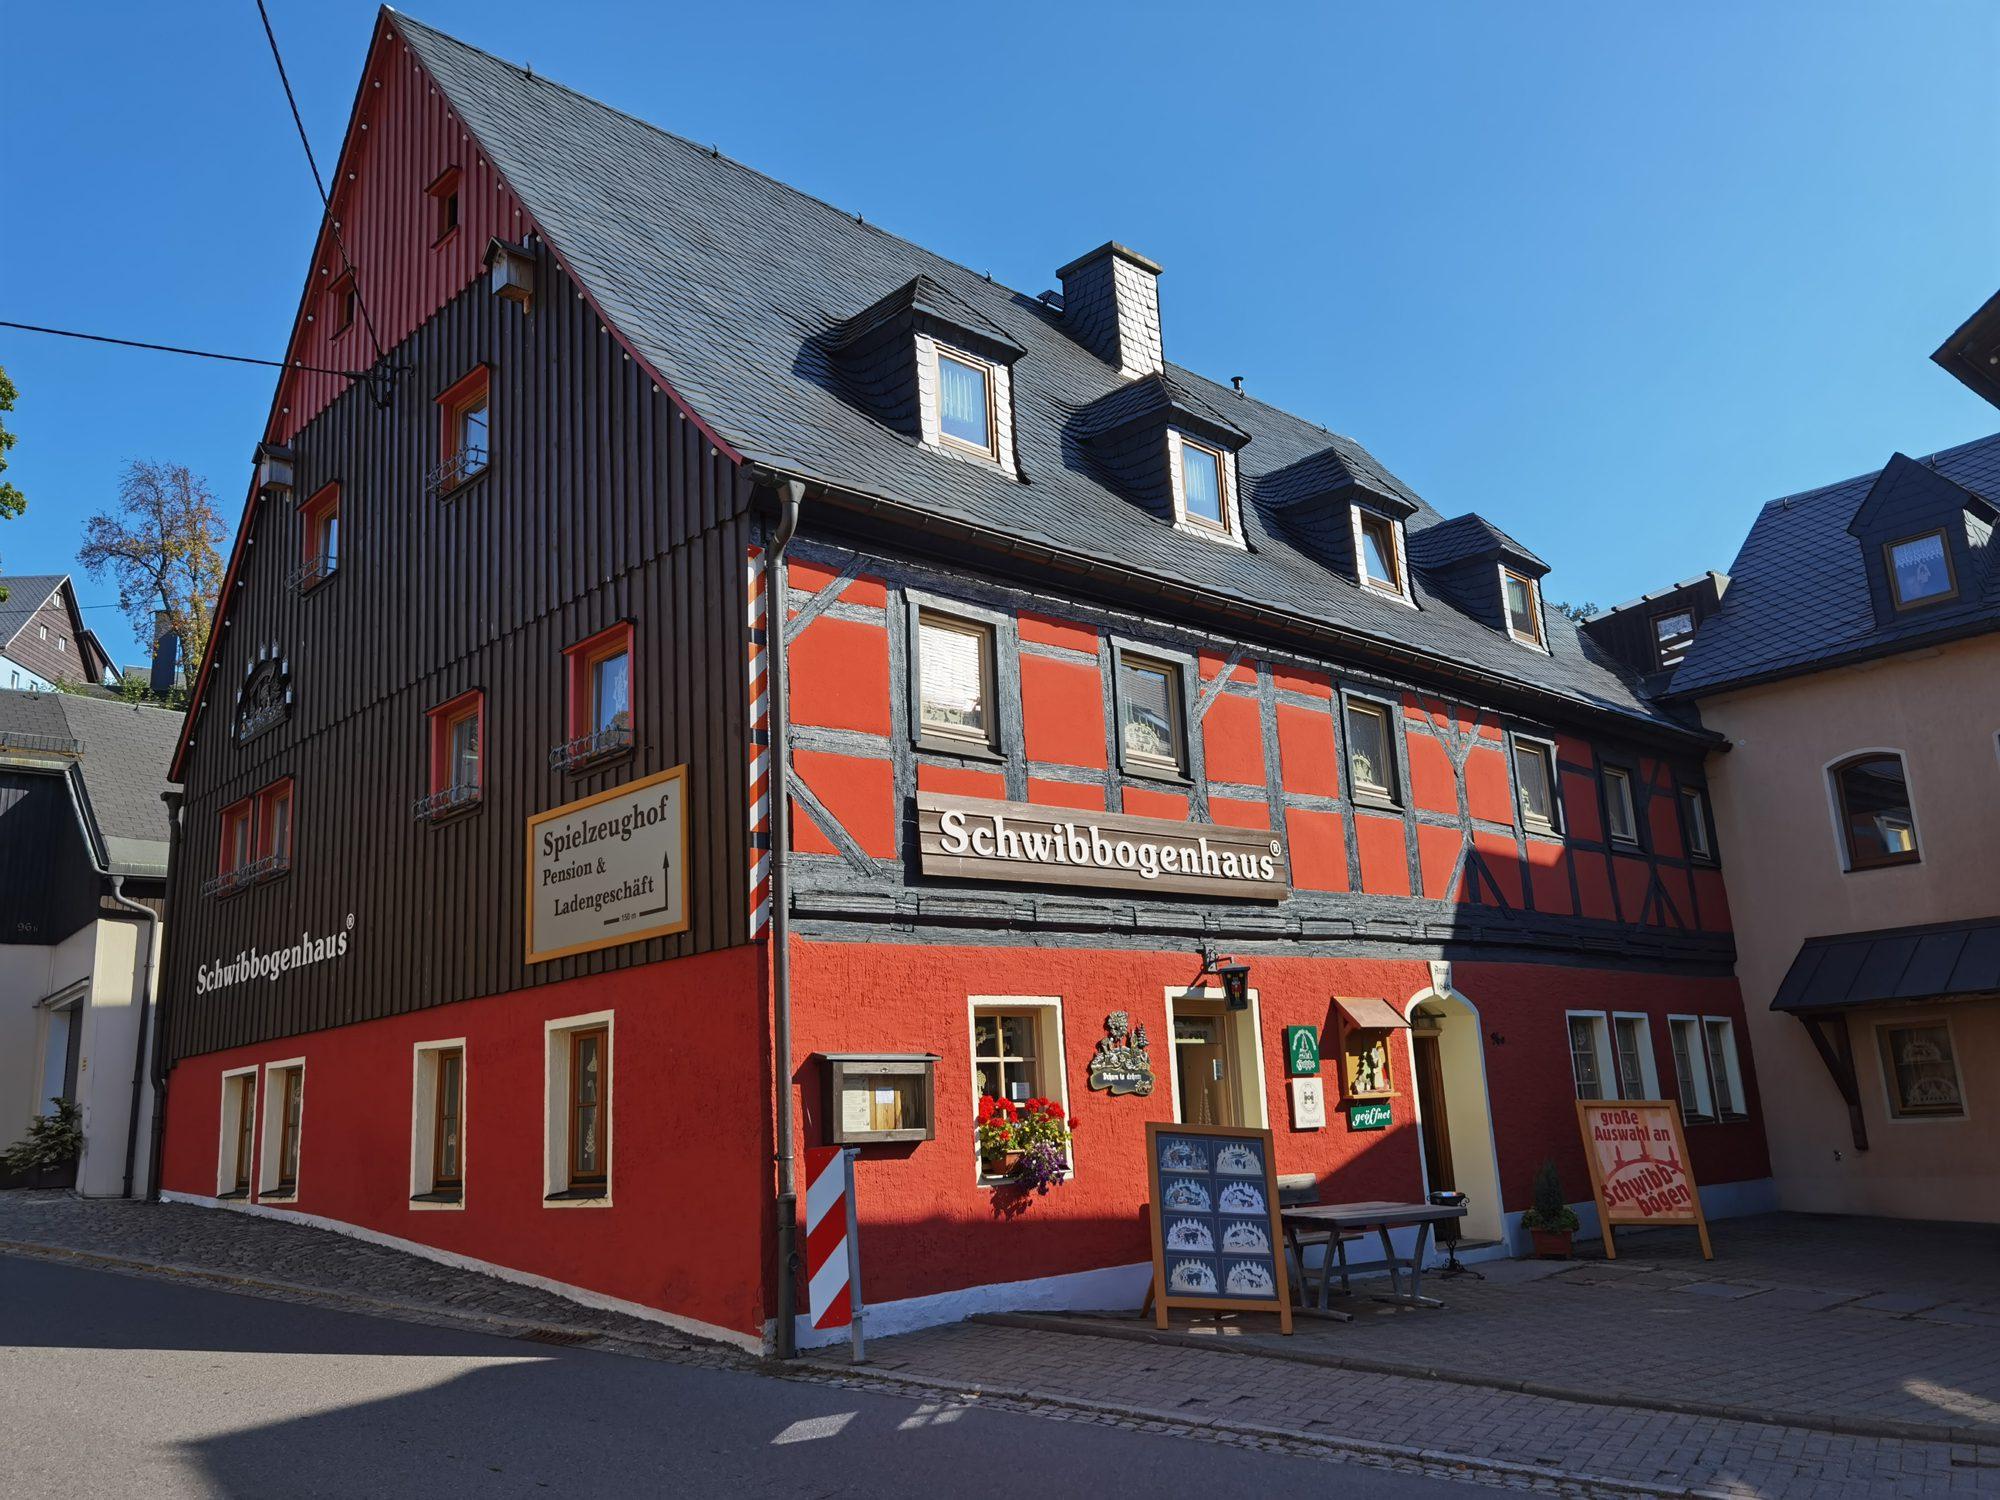 Schwibbogenhaus Seiffen